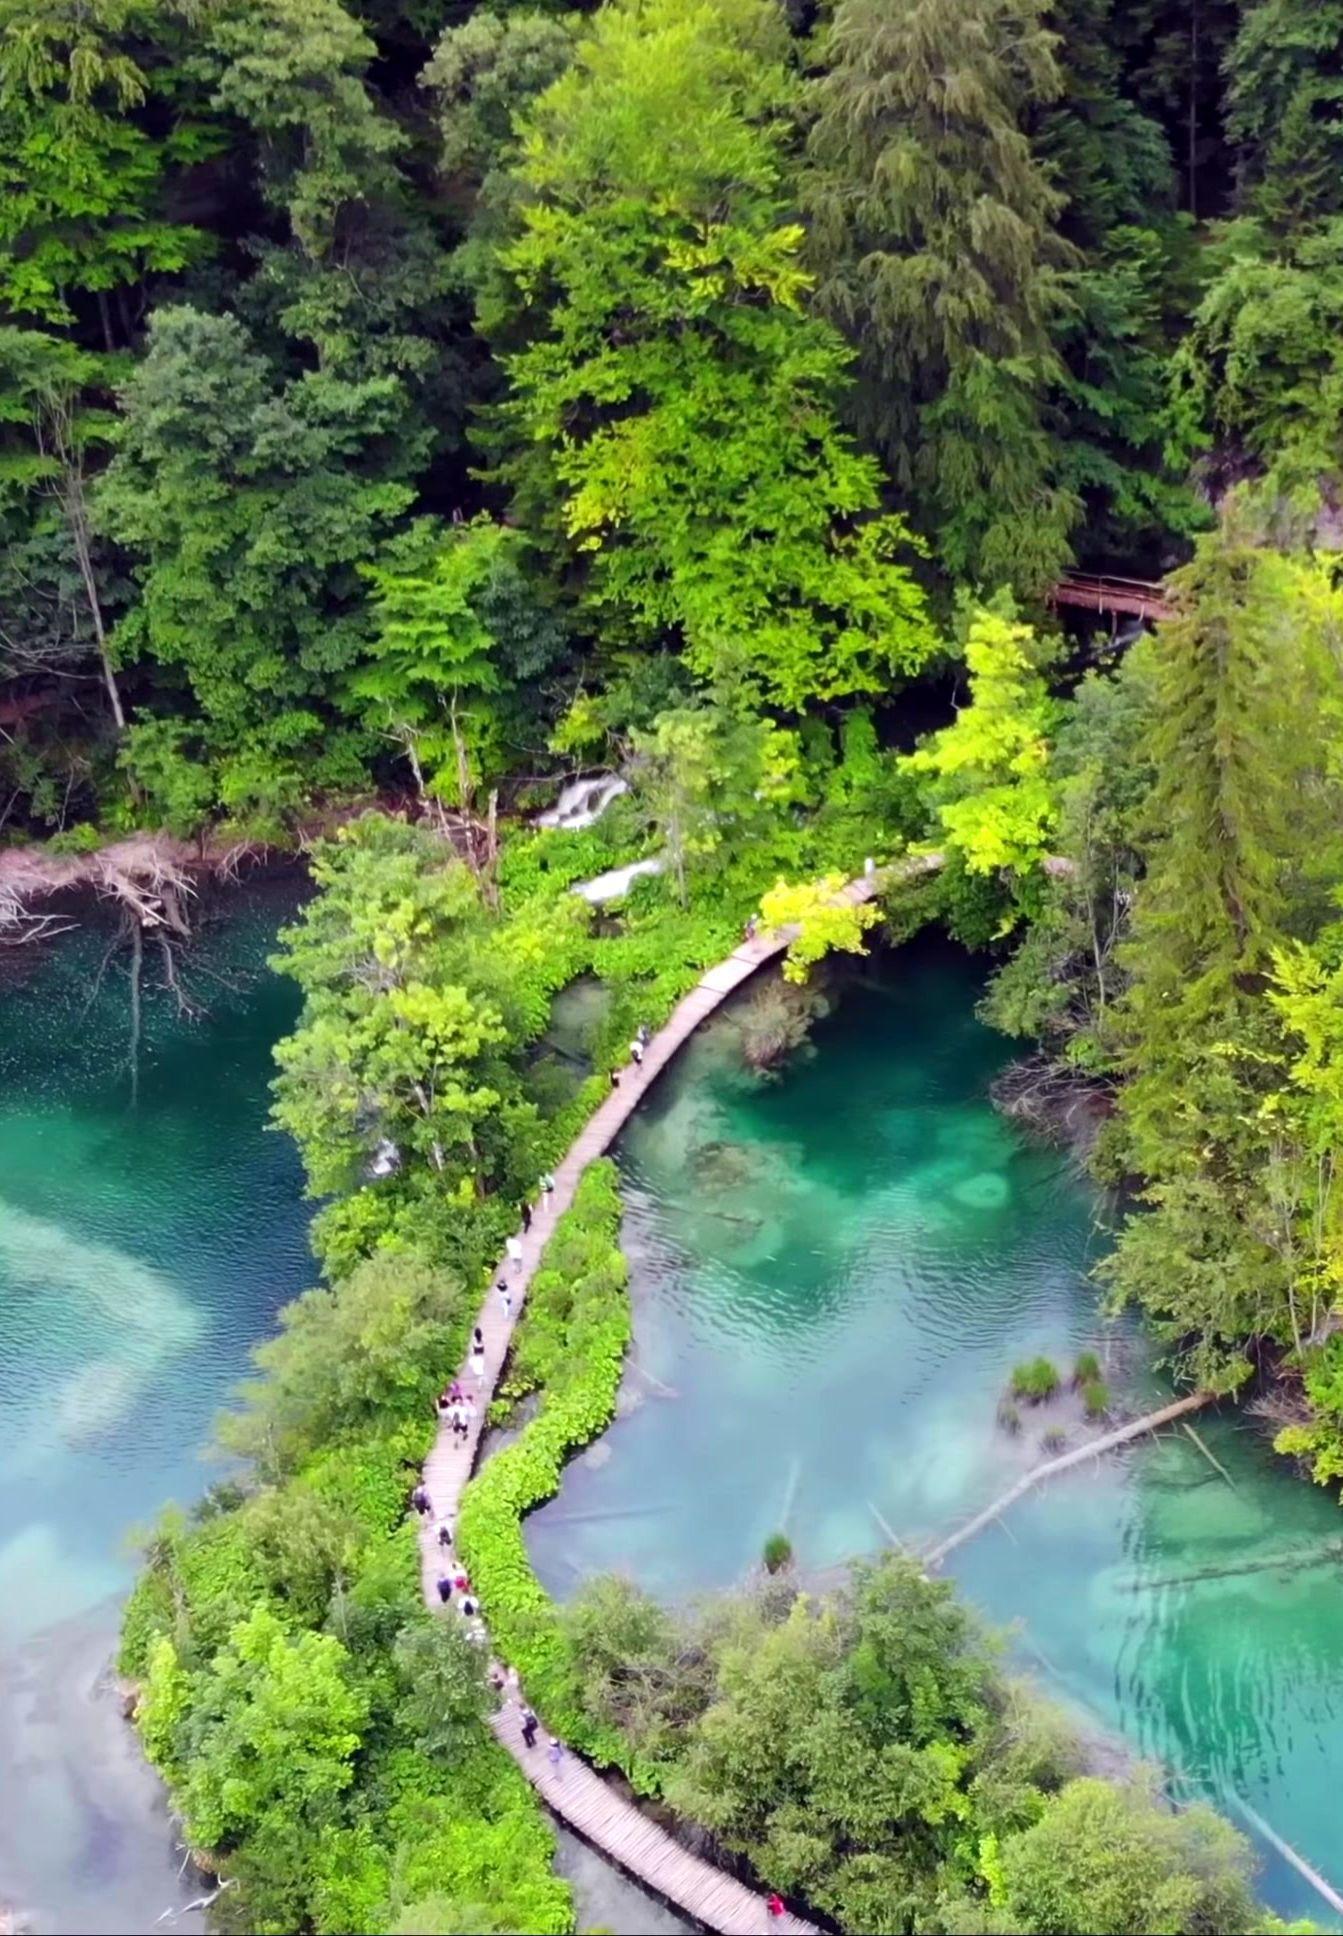 Parcul Național Lacurile Plitvice Croația Croatia Zadar Zagreb